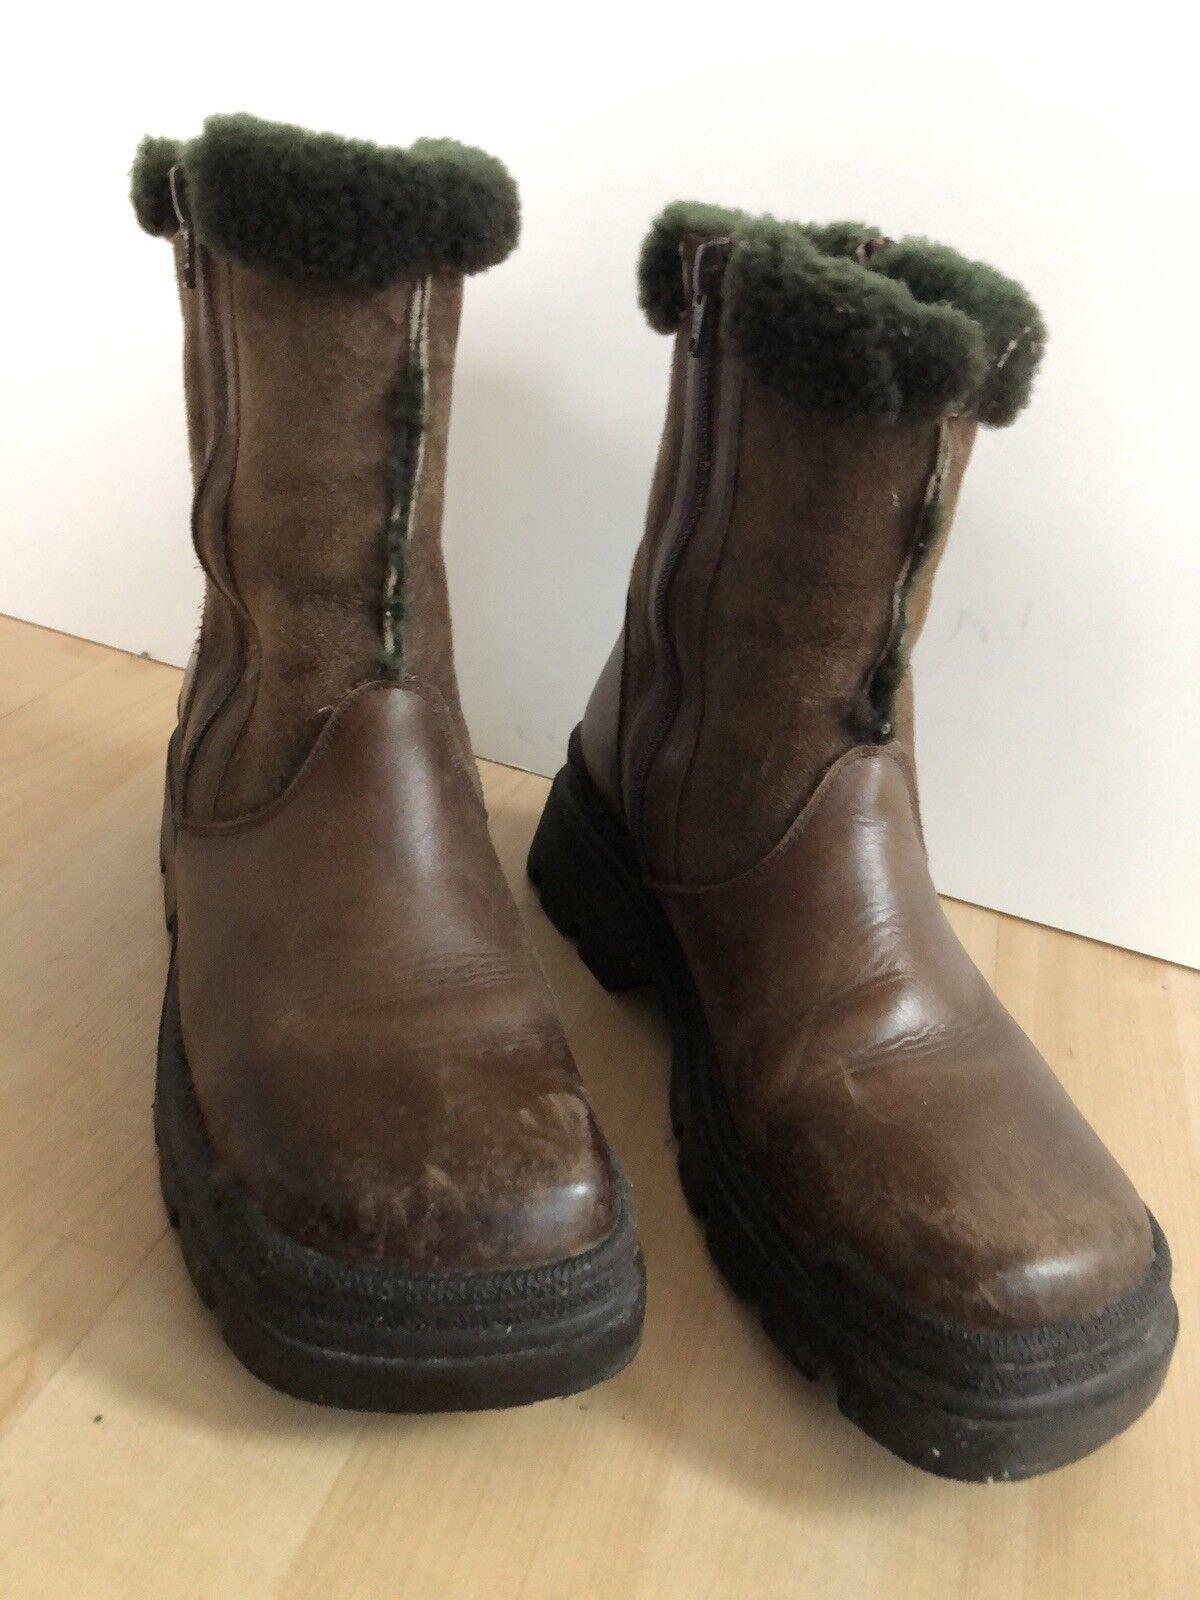 Vintage Vintage Vintage década de 1970 década de 1980 Mod psicodélico Barneys Cuero De Piel De Oveja botas De Lana  barato en línea